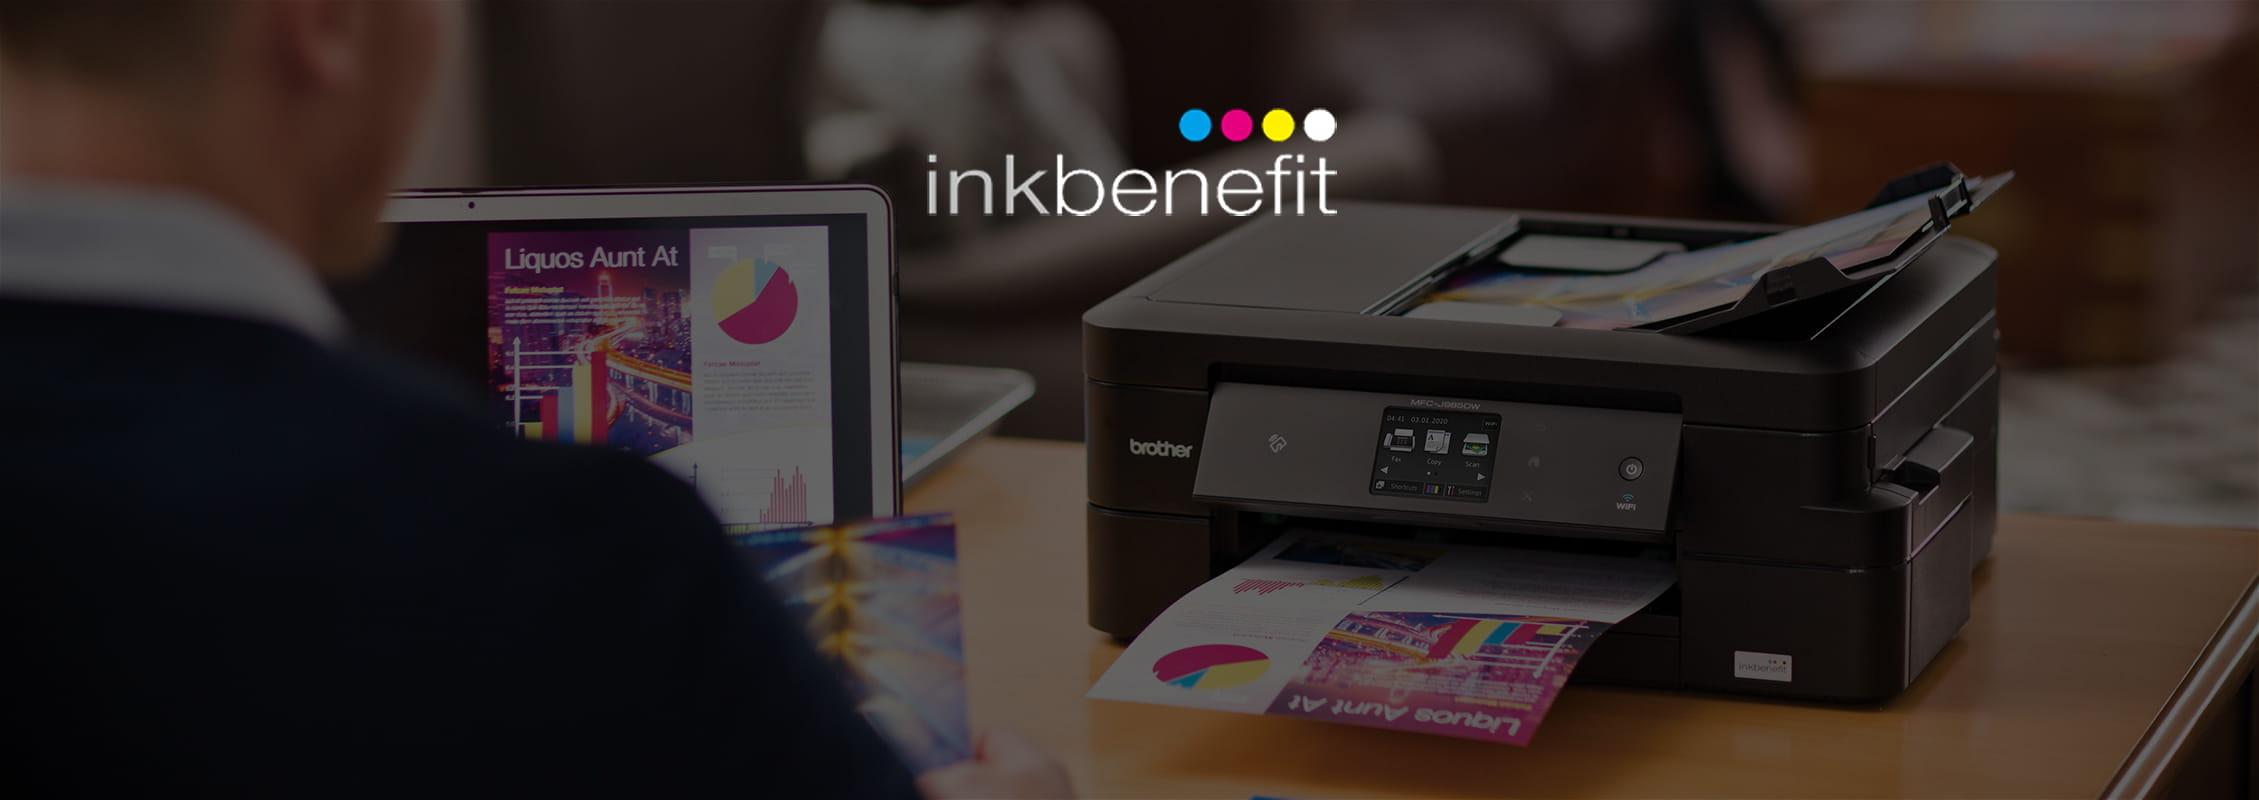 Stampante multifunzione inkjet Brother su scrivania con logo inkbenefit